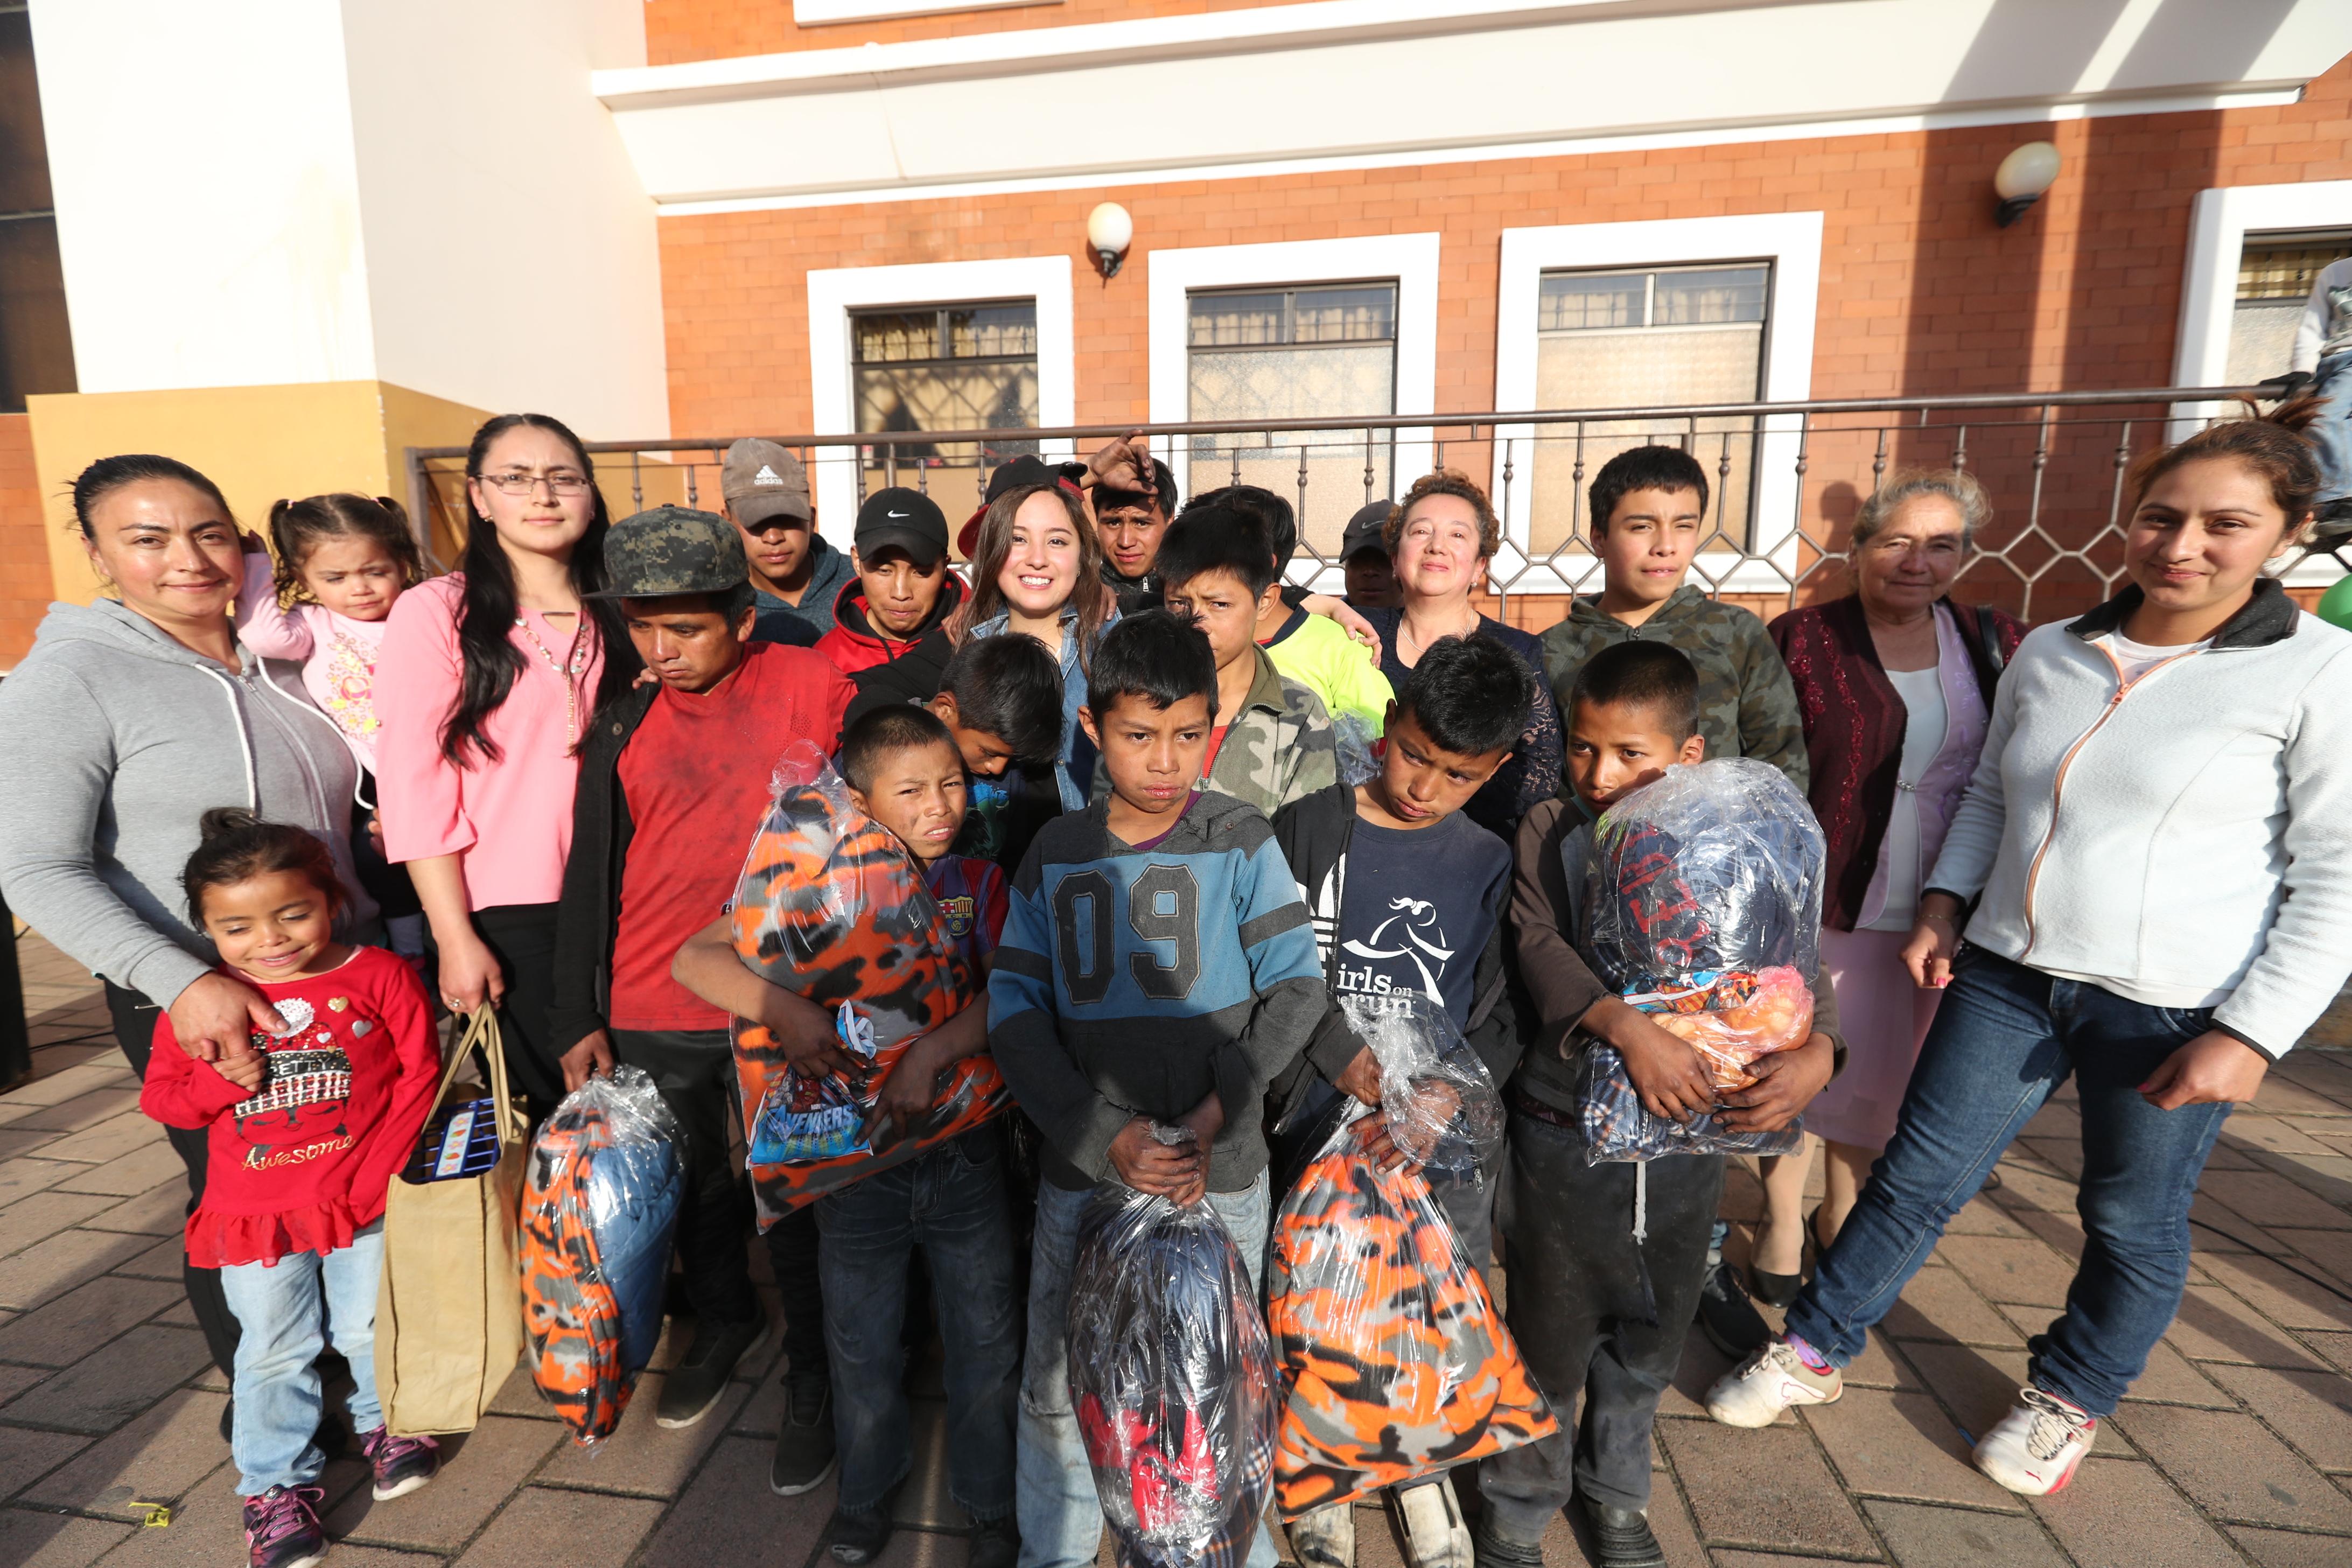 La familia Rodas Escobedo, y varios colaboradores, durante la convivencia con menores lustradores que trabajan en el parque de San Carlos Sija, Quetzaltenango. (Foto Prensa Libre: Mynor Toc)